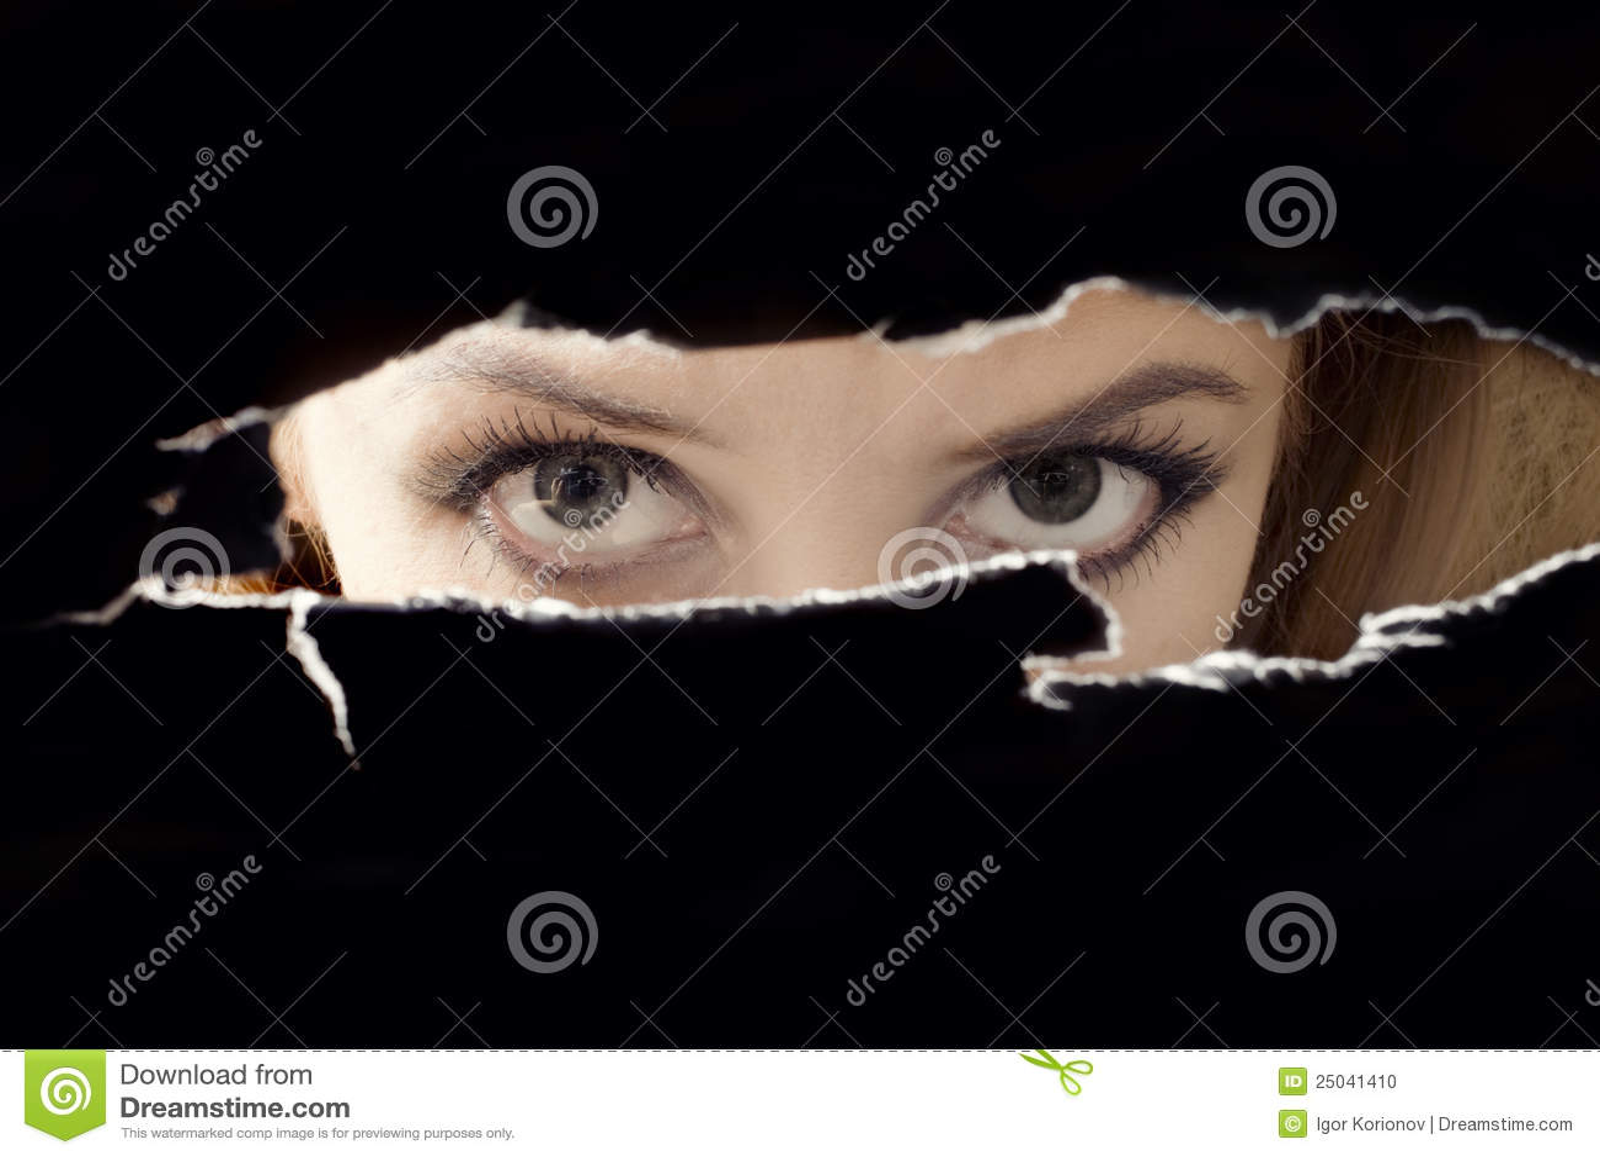 Occhi delle donne che spiano attraverso un foro